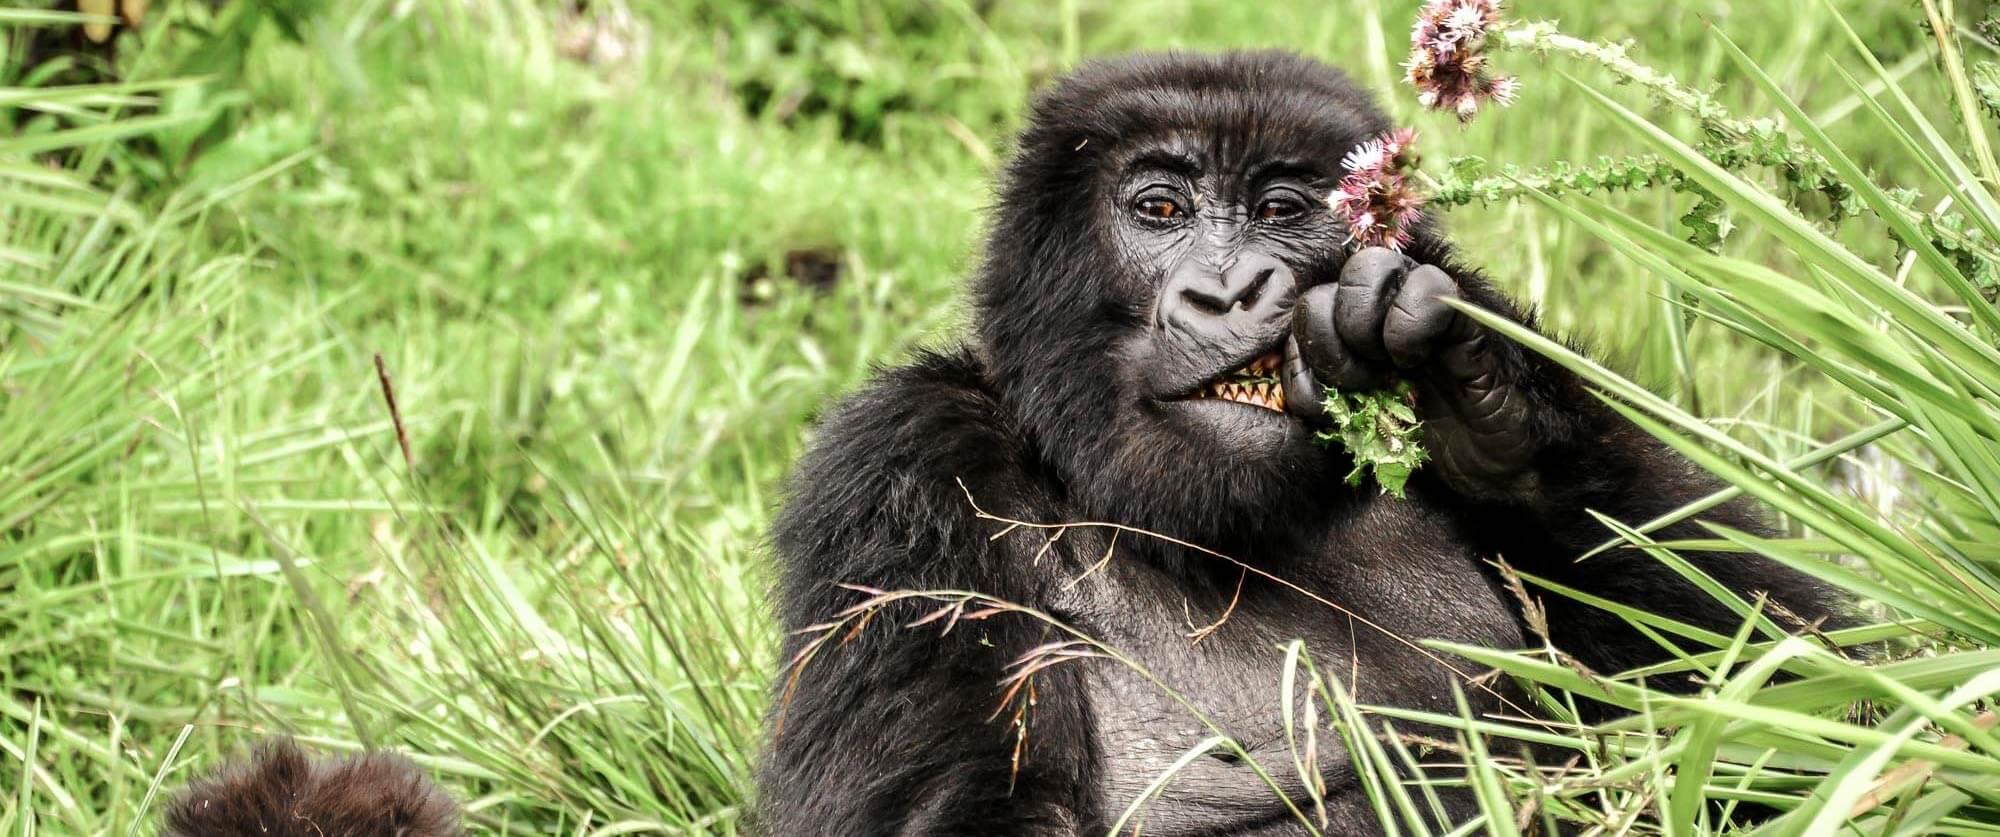 Gorilla eating thistles in Volcanoes National Park - Sabyinyo Silverback Lodge - Uganda and Rwanda Gorilla Trekking Tour